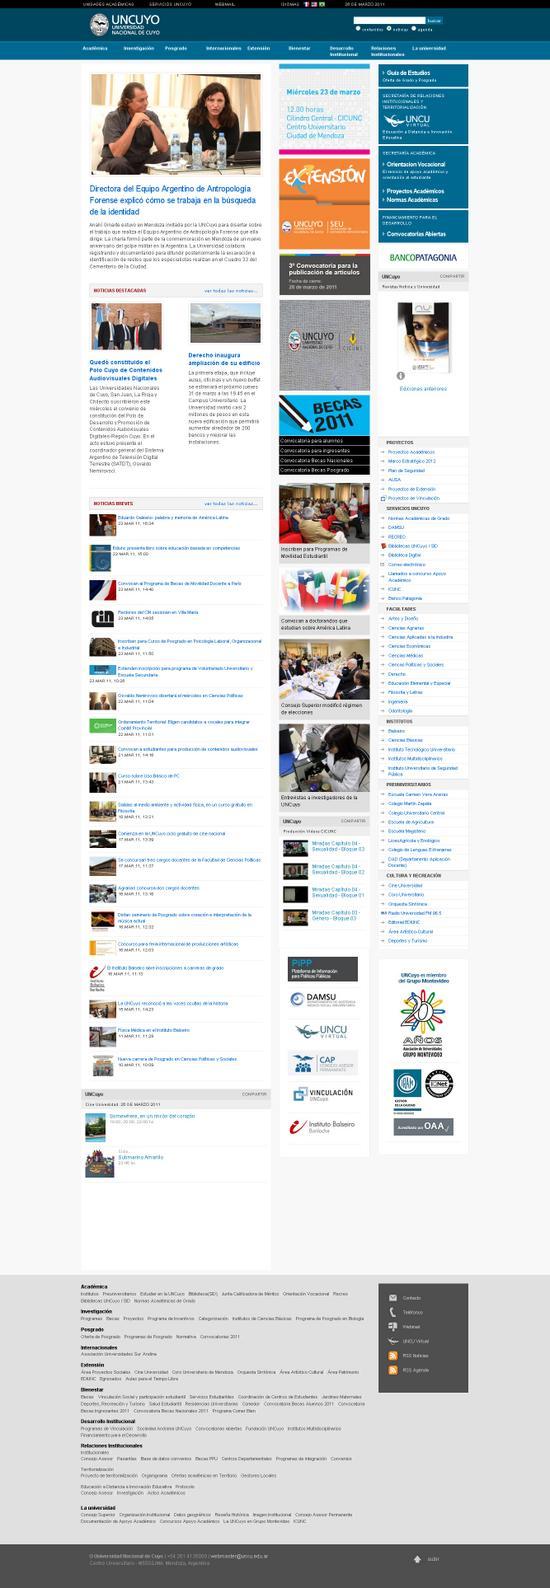 Sitio oficial uncuyo argentina